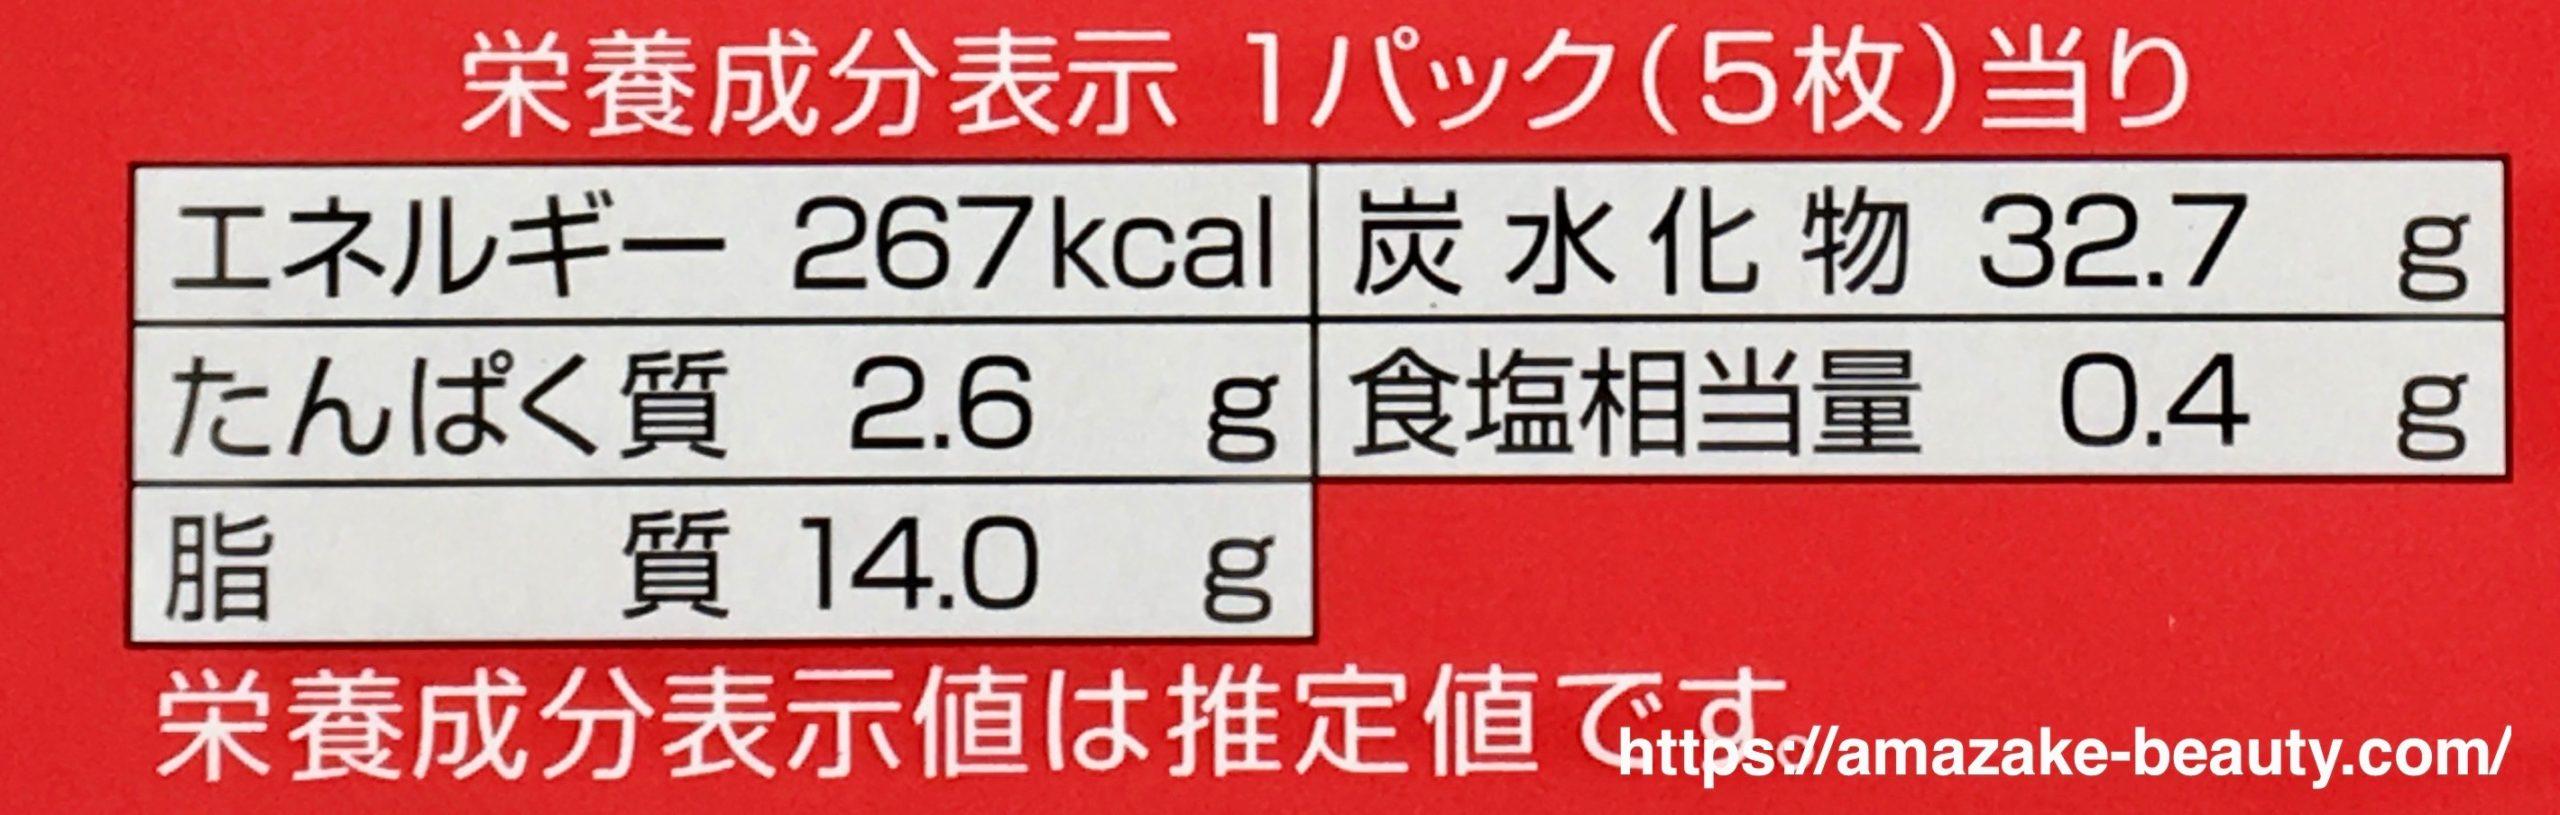 イトウ製菓『甘酒チョコチップクッキー』(栄養成分表示)